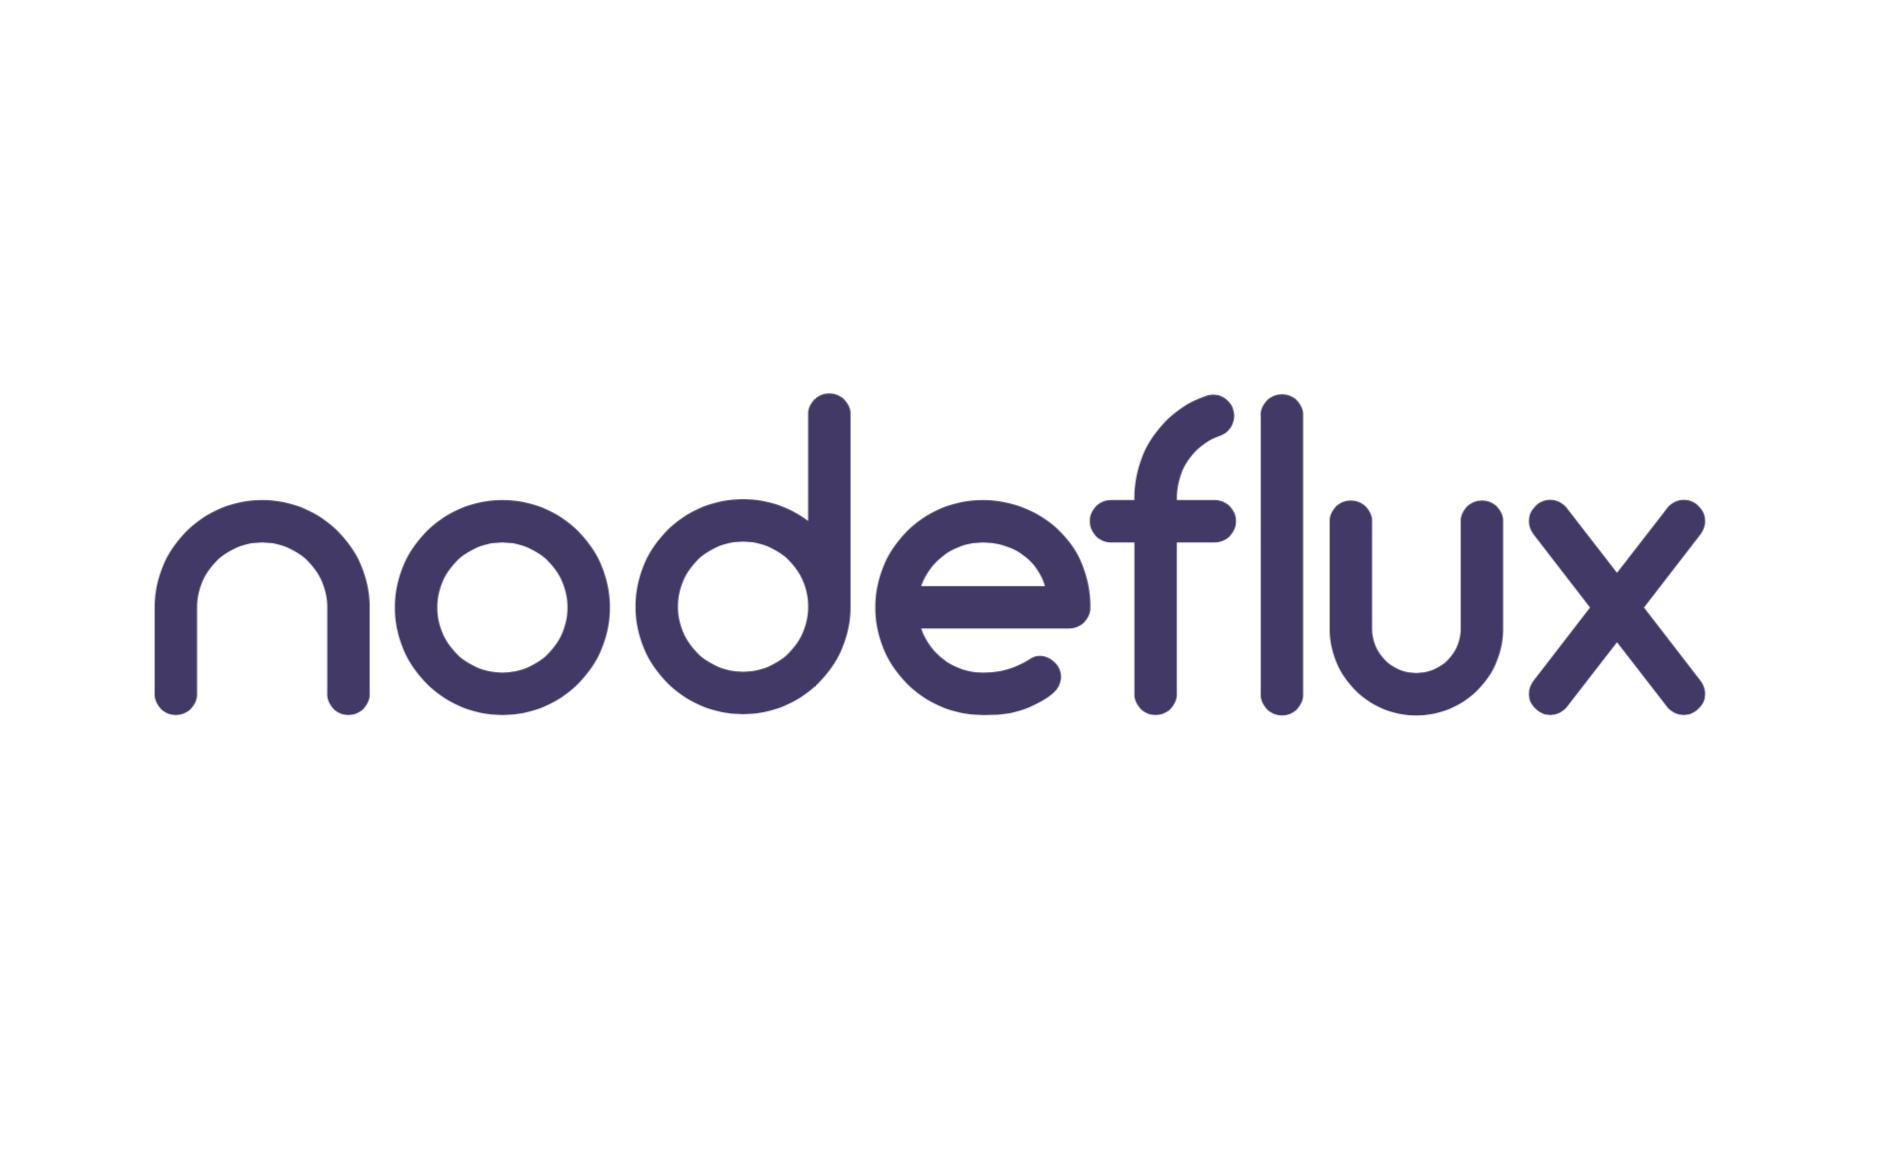 The speaker works for Nodeflux